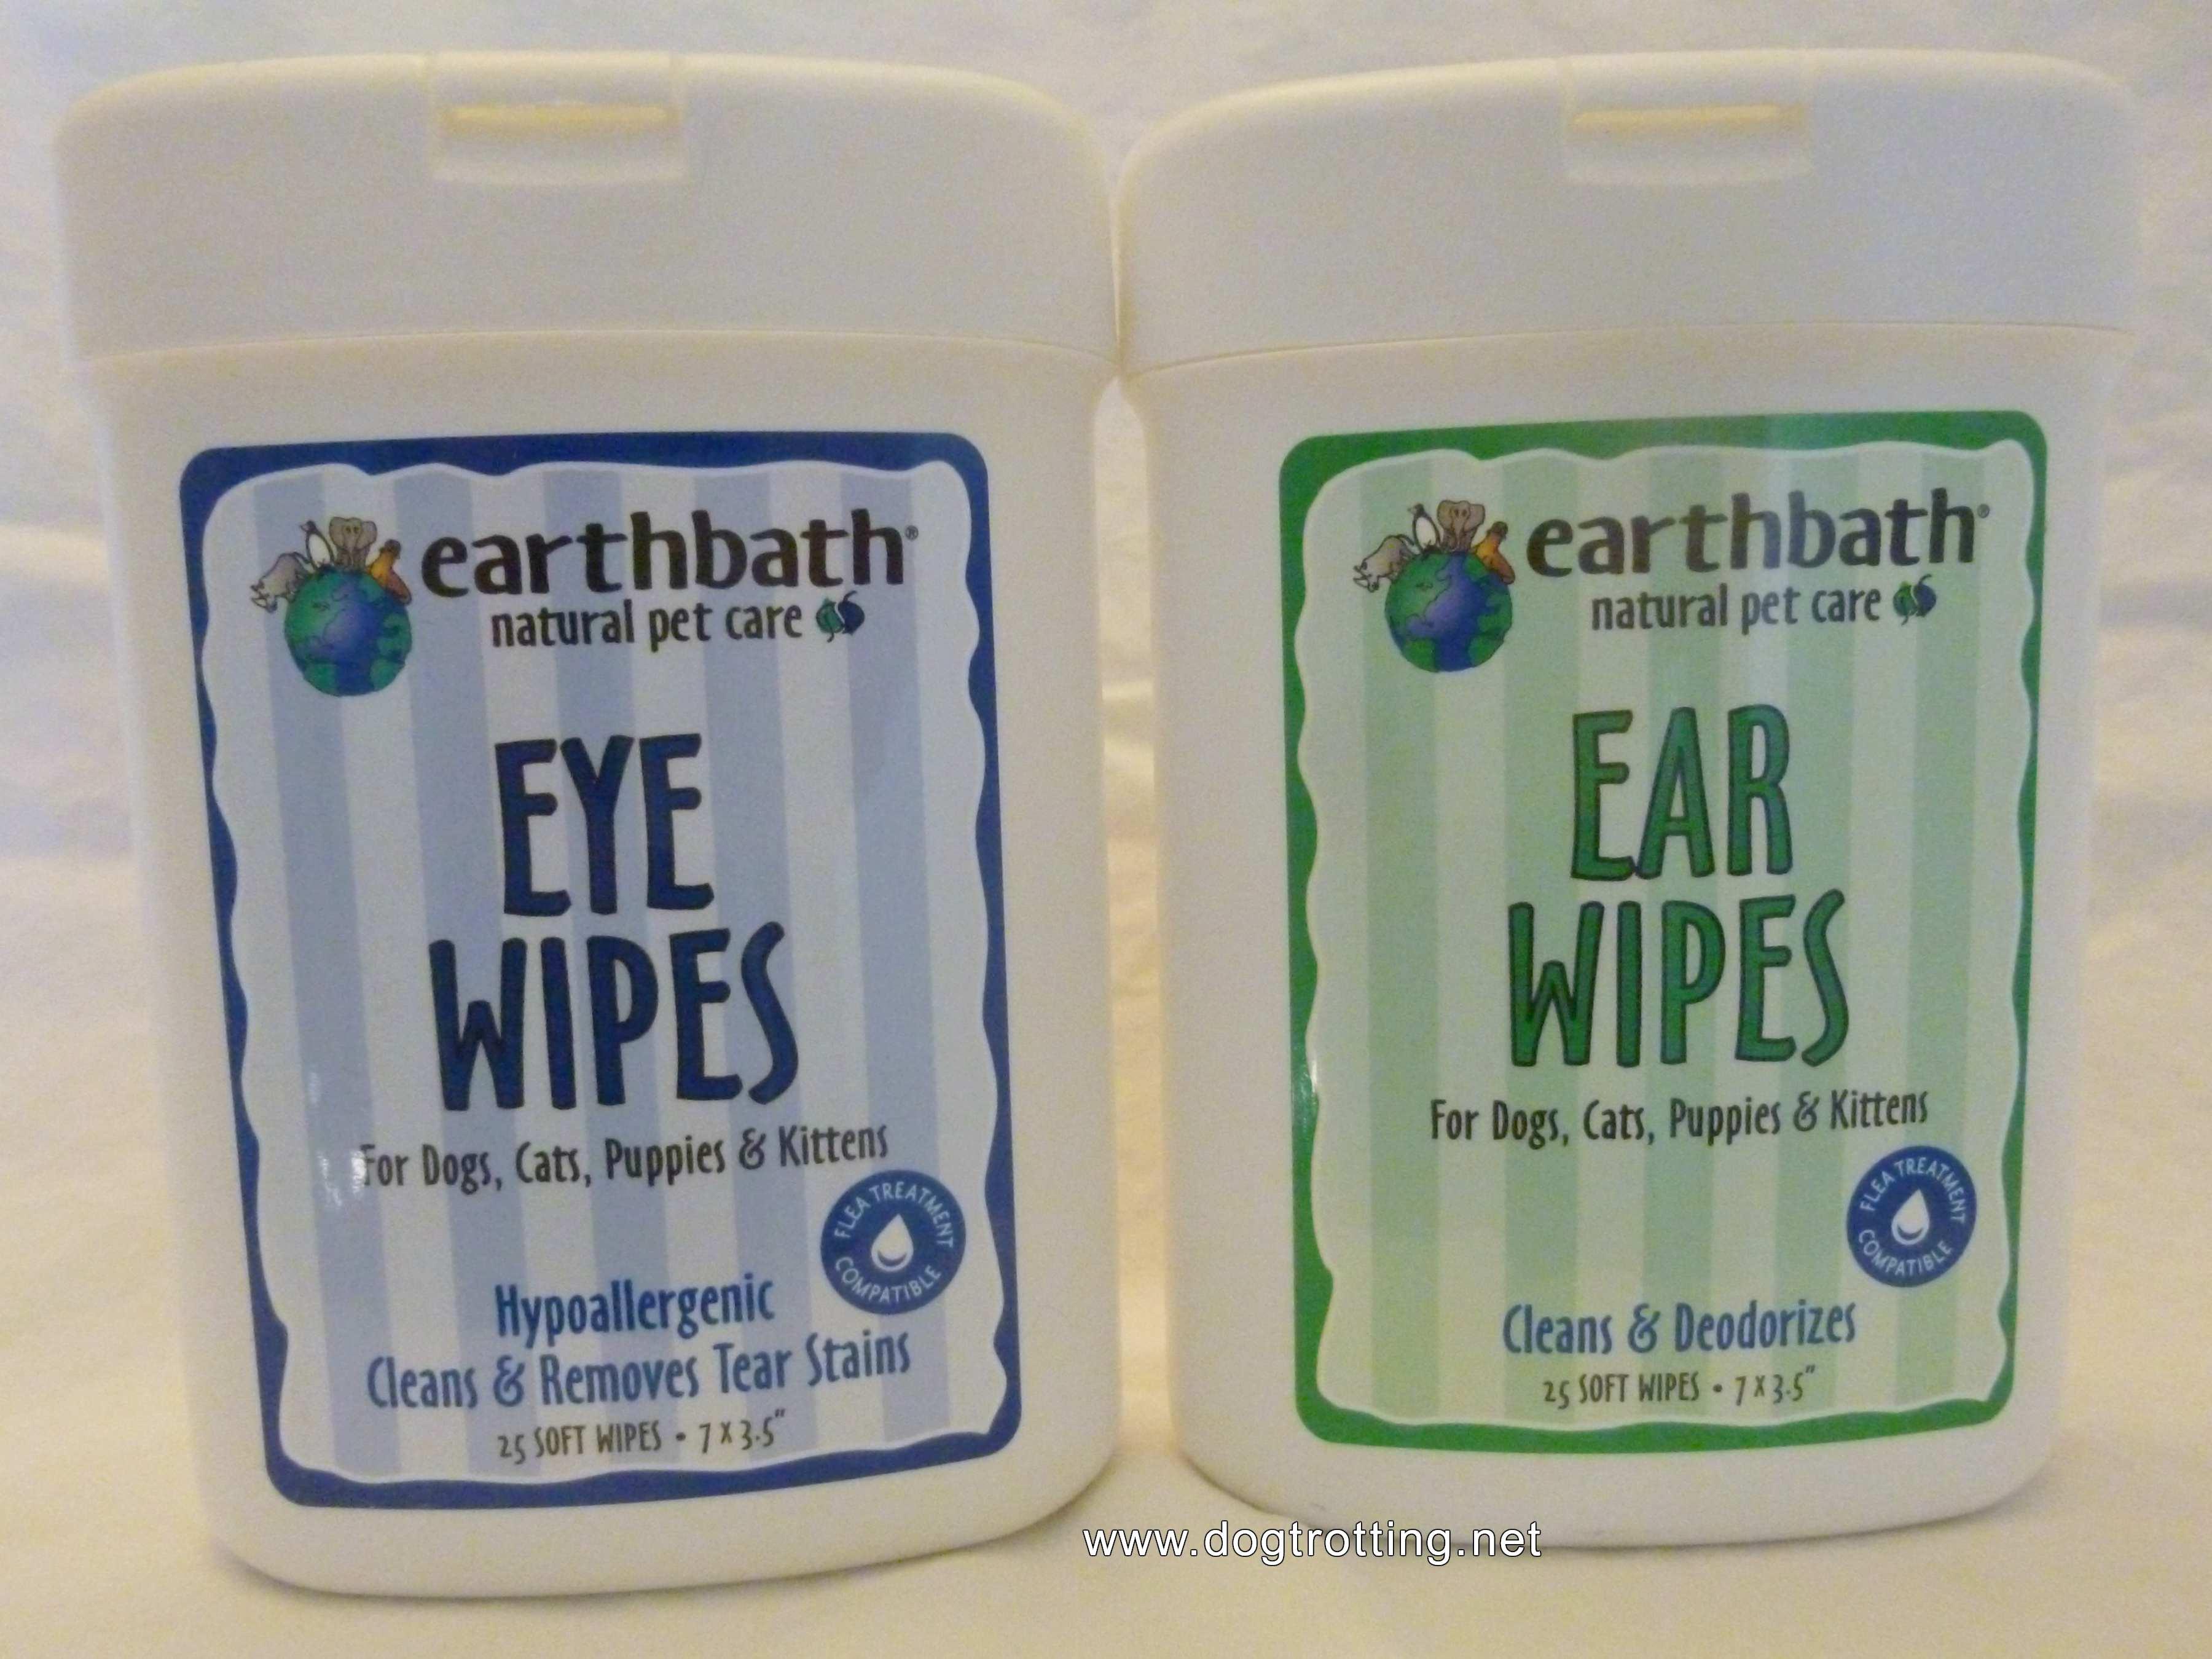 Earthbath eye wipes and ear wipes